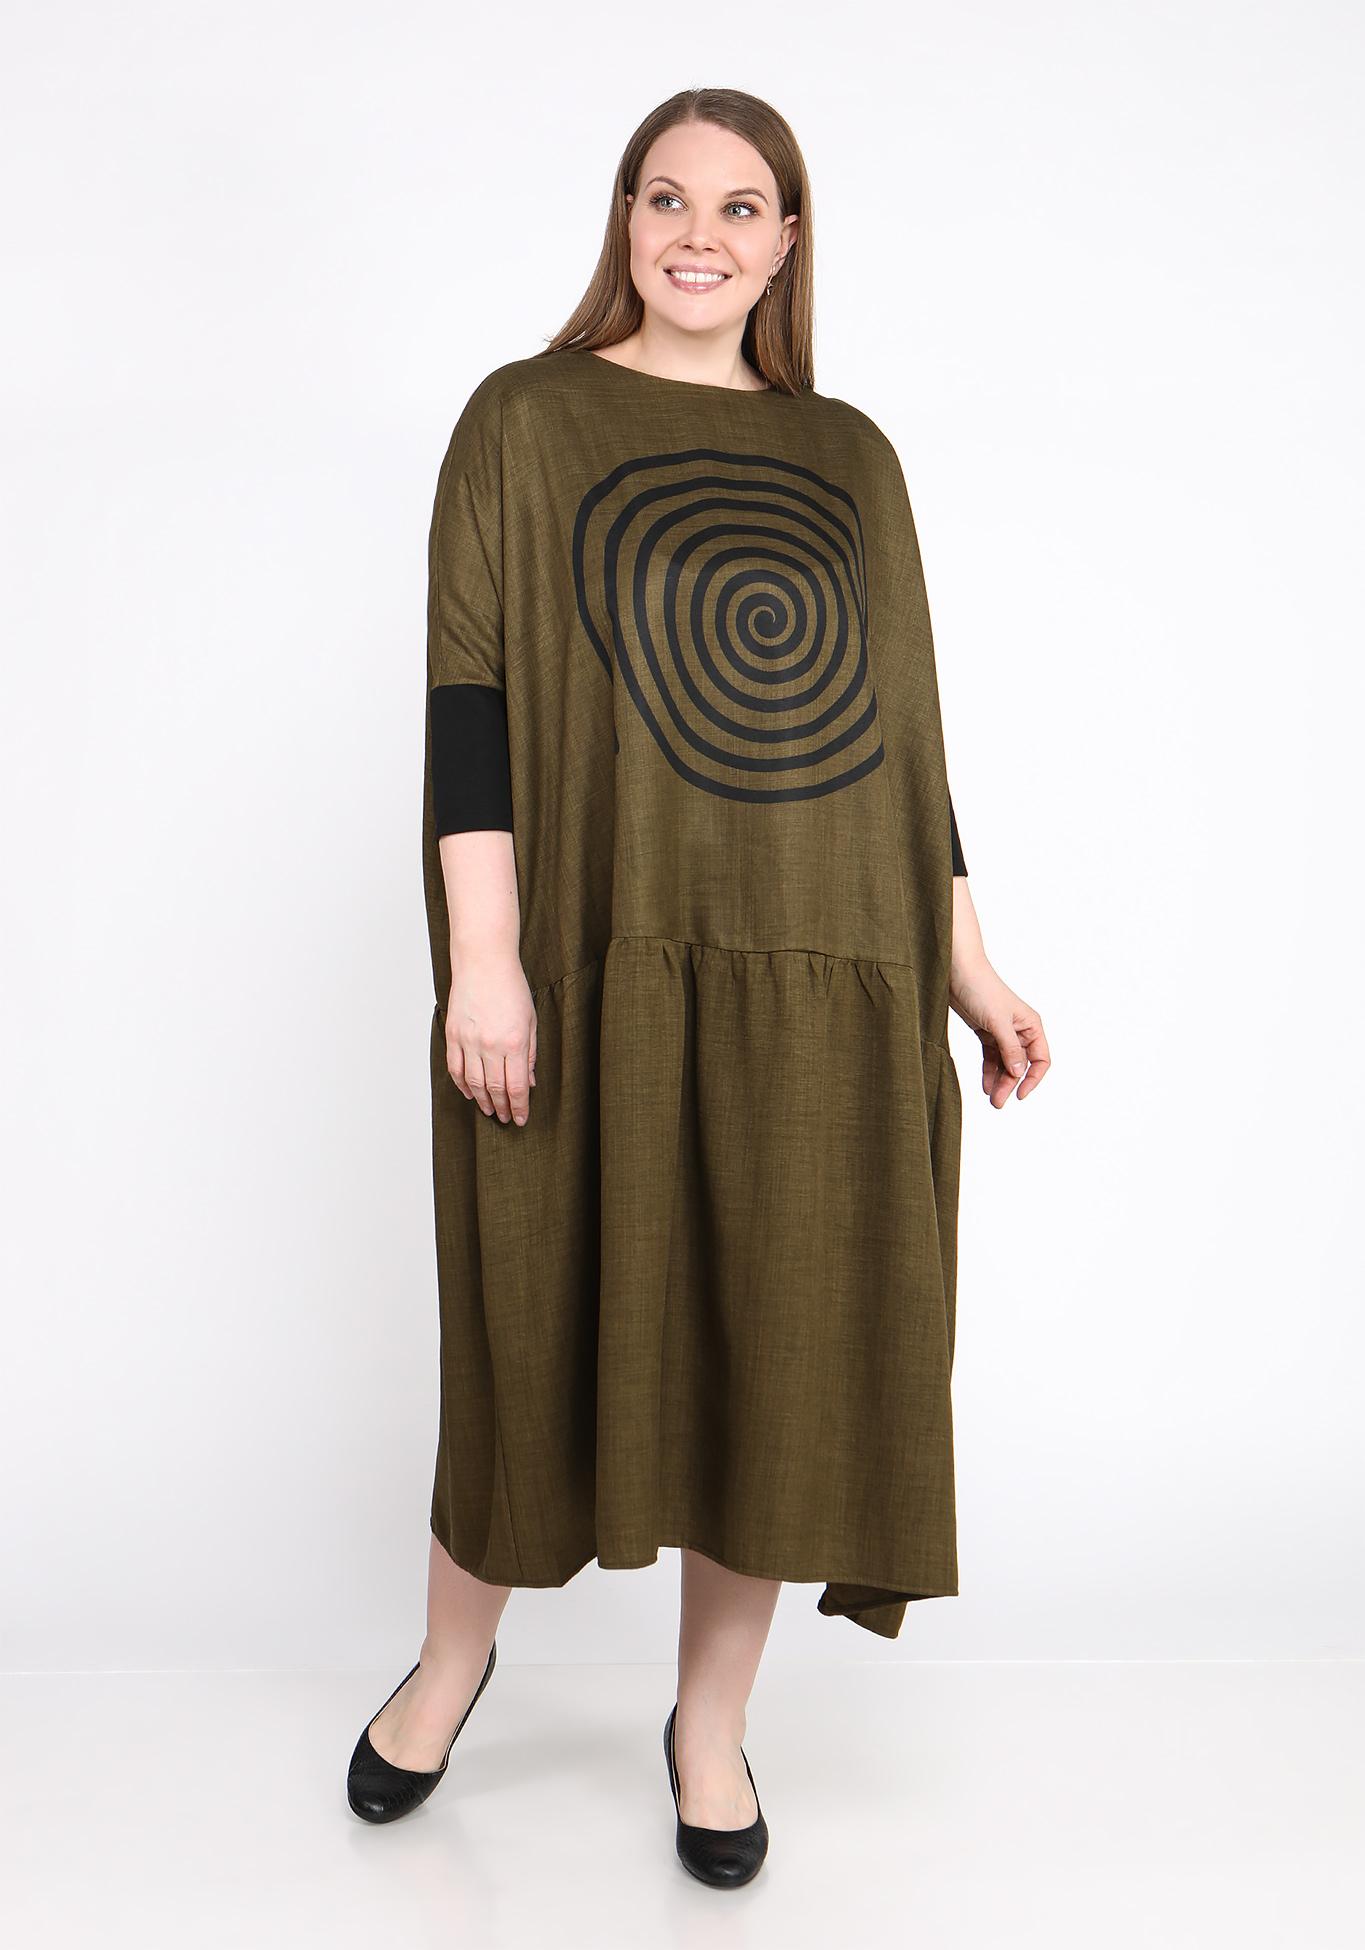 Платье свободного силуэта с принтом спираль